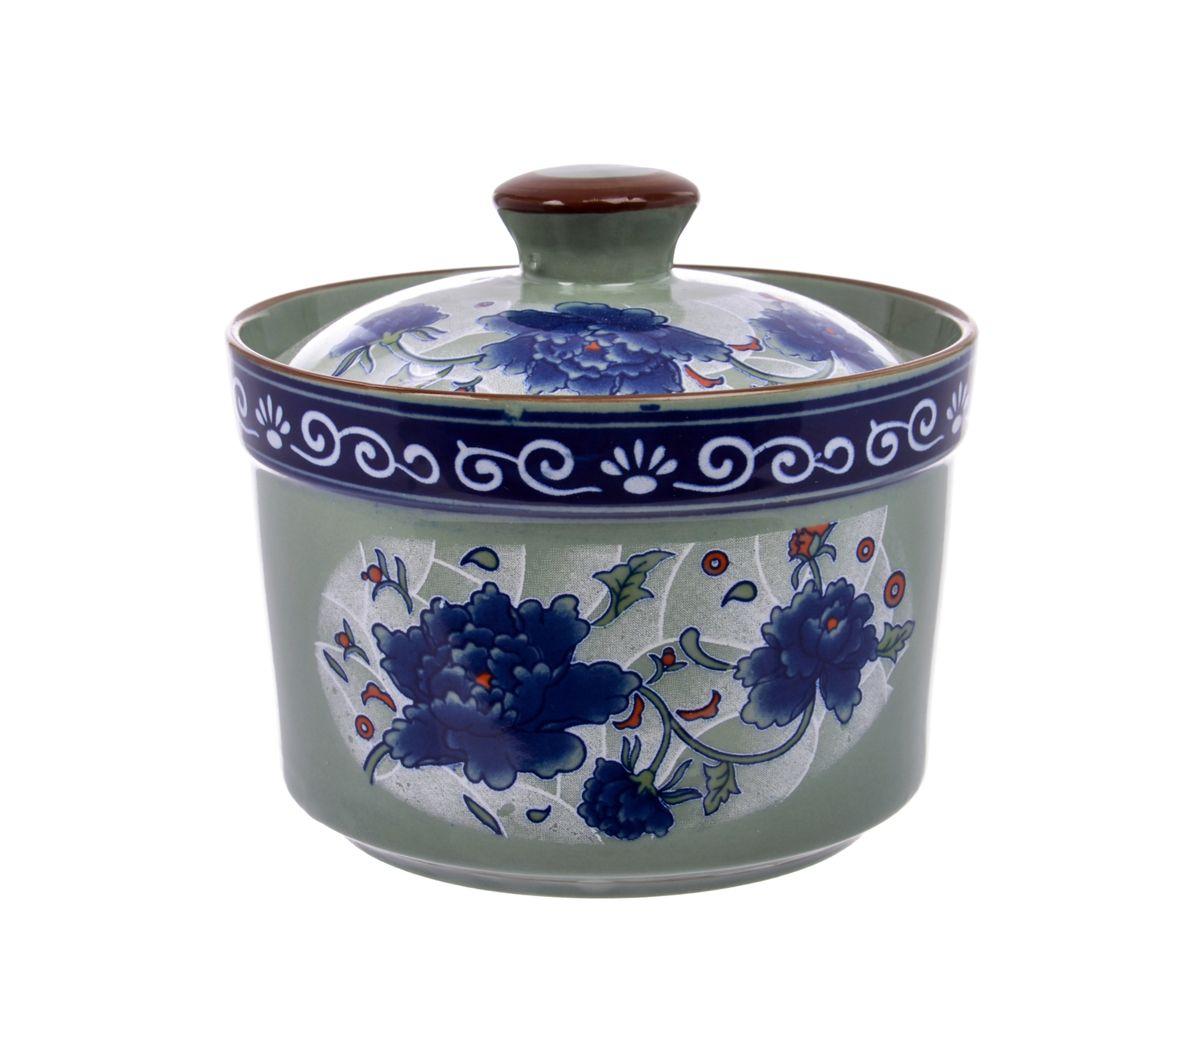 Кастрюля Nanshan Porcelain Харбин с крышкой, 550 млGNNSHB042Кастрюля Nanshan Porcelain Харбин, изготовленная из высококачественной керамики и декорированная цветочным рисунком, прекрасно подойдет для запекания. В комплект входит крышка. Изделия из керамики идеально подходят как для приготовления пищи, так и для подачи на стол. Материал не содержит свинца и кадмия. С такой кастрюлей вы всегда сможете порадовать близких оригинальным блюдом. Кастрюлю можно использовать в микроволновой печи. Можно мыть в посудомоечной машине. Диаметр кастрюли (по верхнему краю): 12 см. Высота кастрюли (с учетом крышки): 11 см. Высота стенок: 8 см. Толщина стенок: 0,5 см. Толщина дна: 0,7 см.